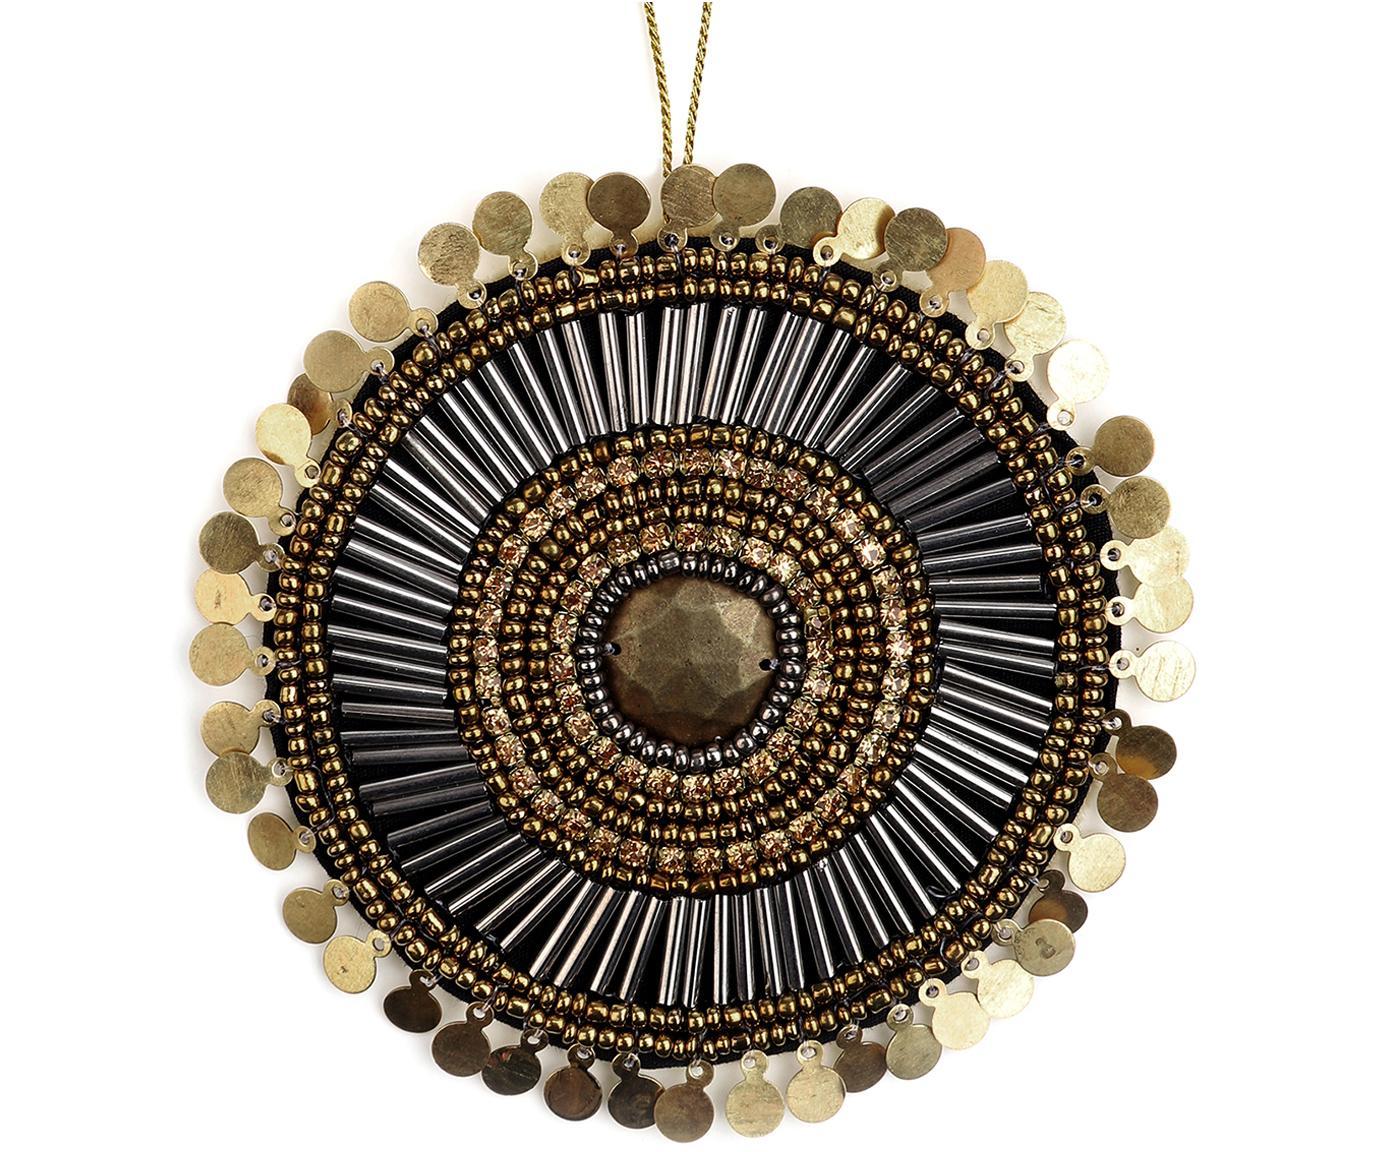 Etichetta regalo fatta a mano Gidoro, 60% perle di vetro, 20% metallo, 20% poliestere, Beige, dorato, nero, lucido, Ø 10 cm